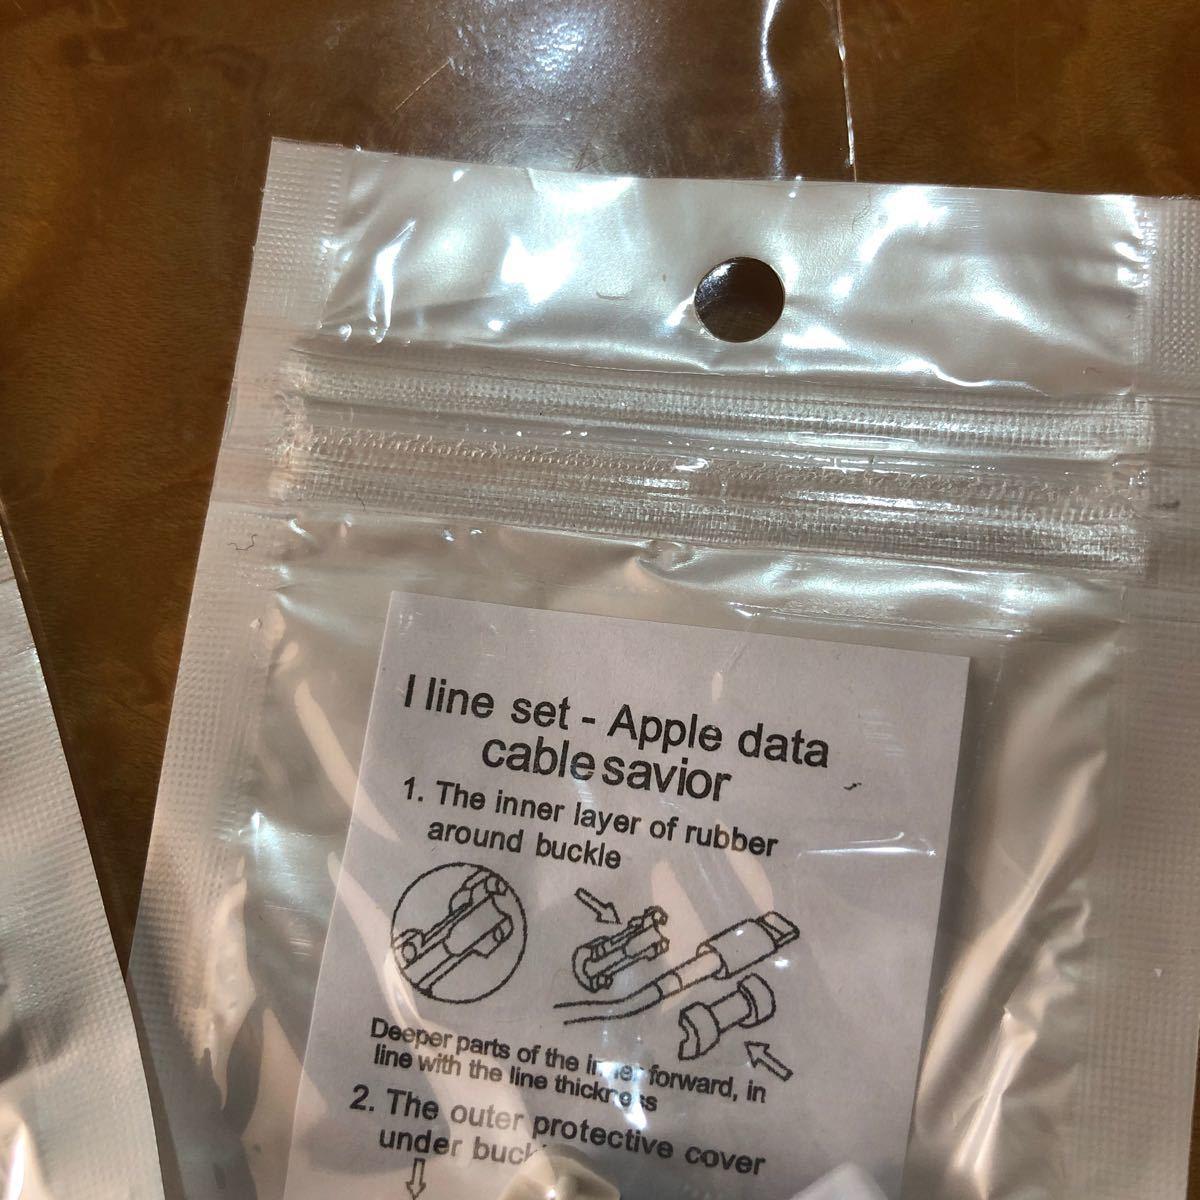 ライトニングケーブルバイト 断線防止 カバープロテクター Apple iPhone USBケーブル 2個セット